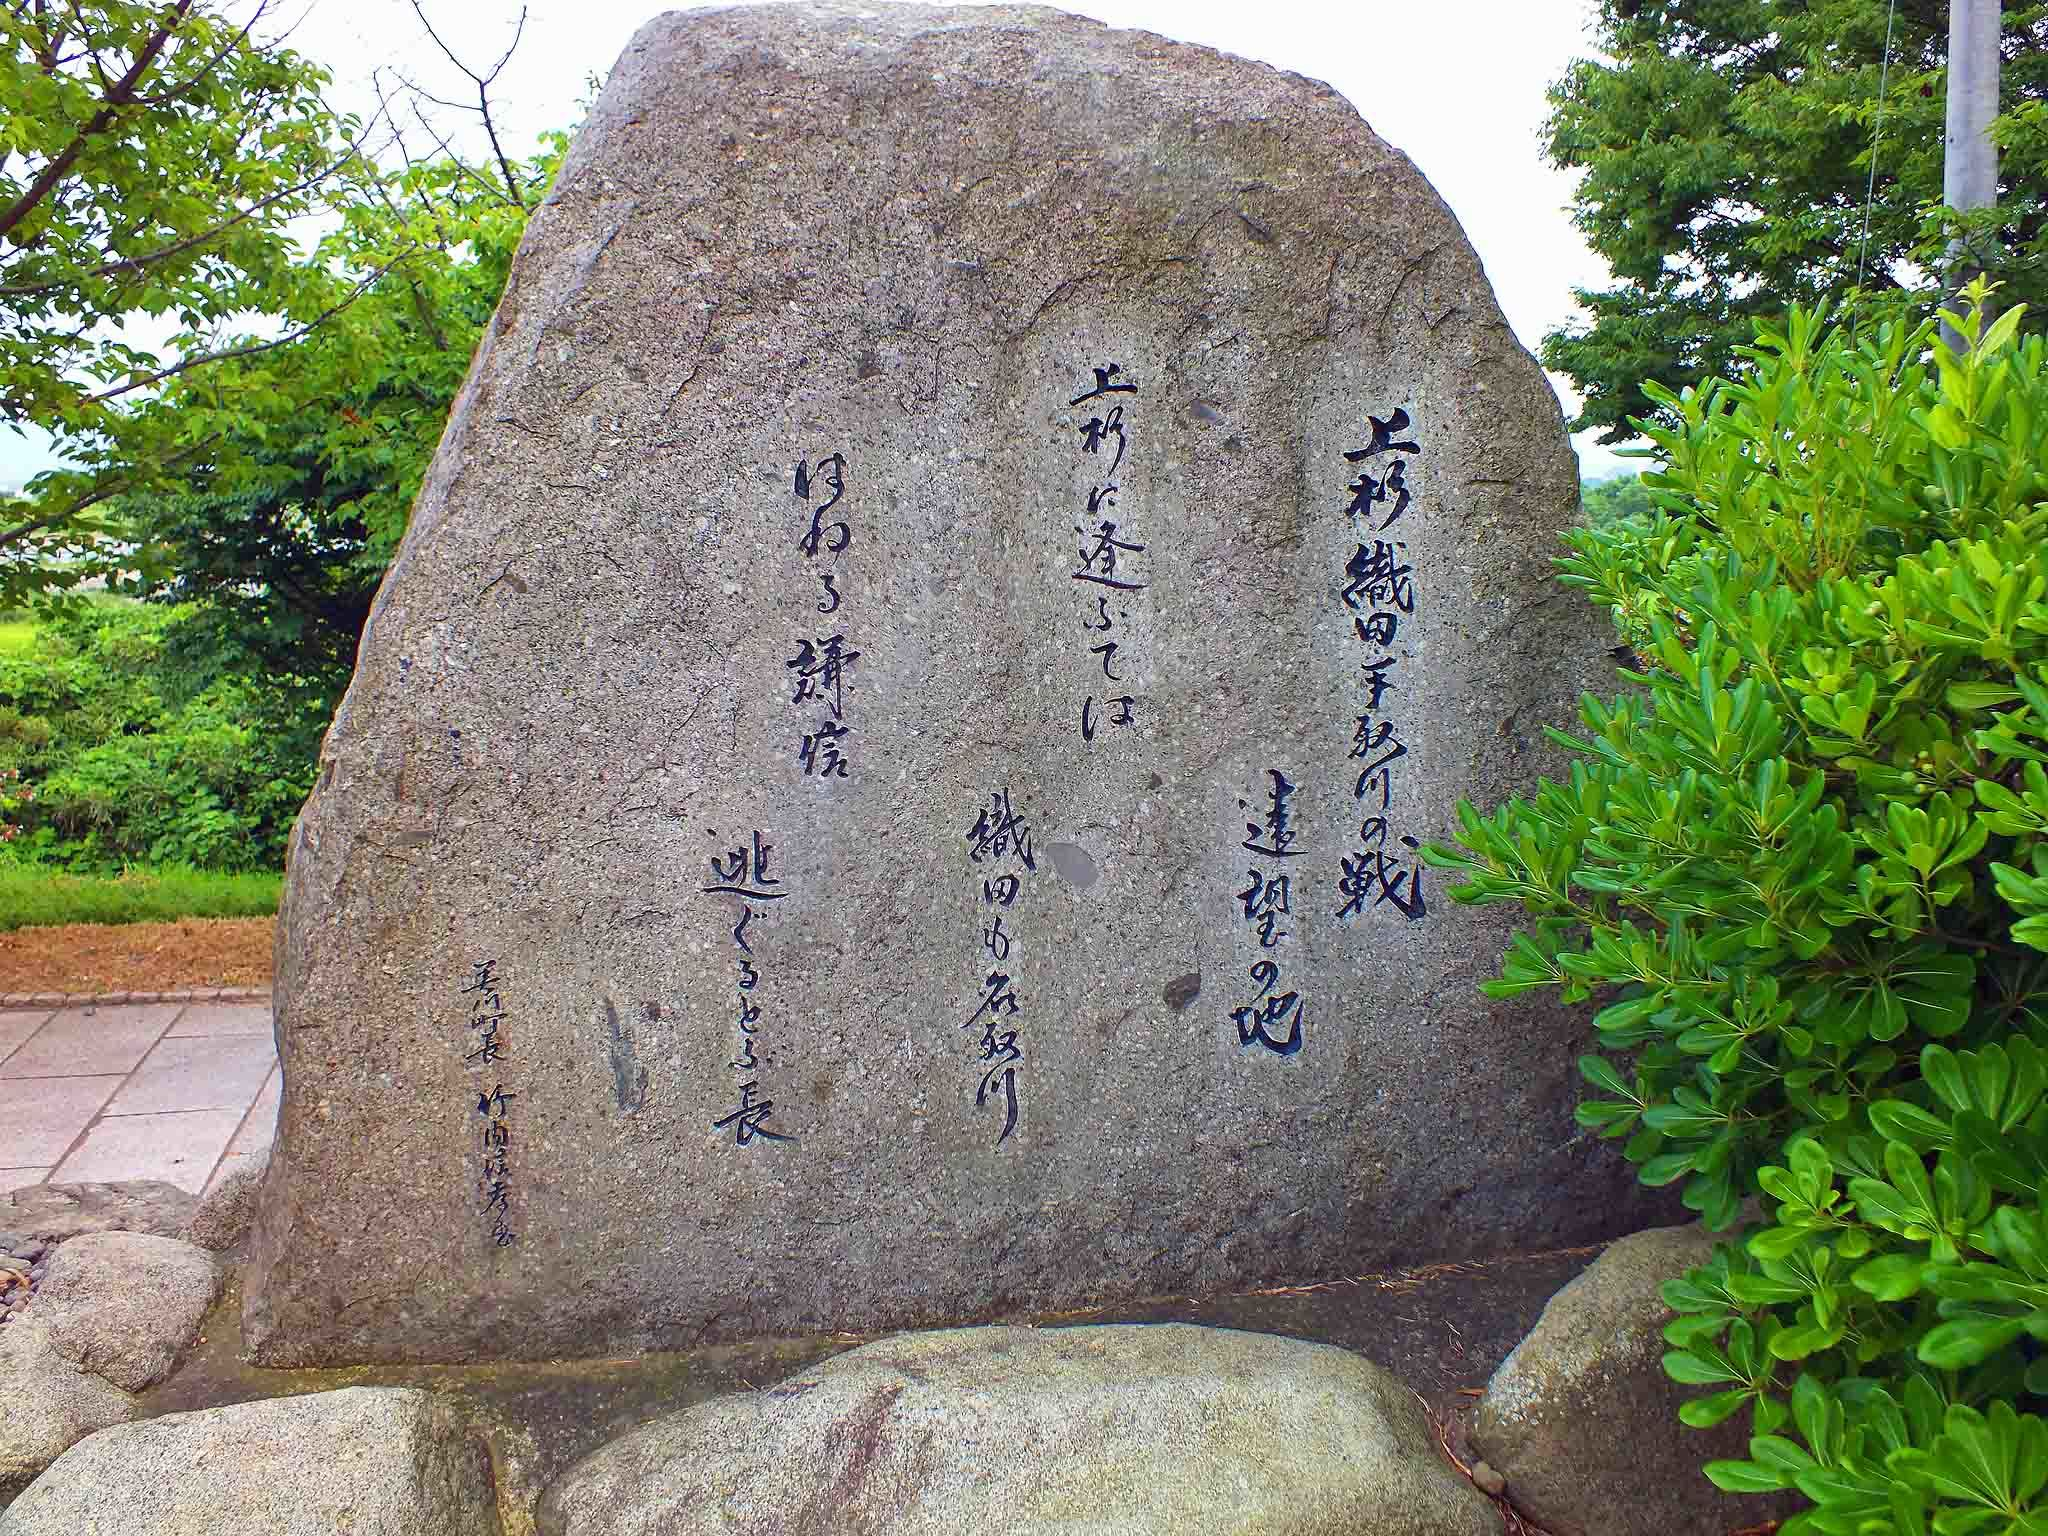 w300h300 神流川合戦古戦場 石碑2